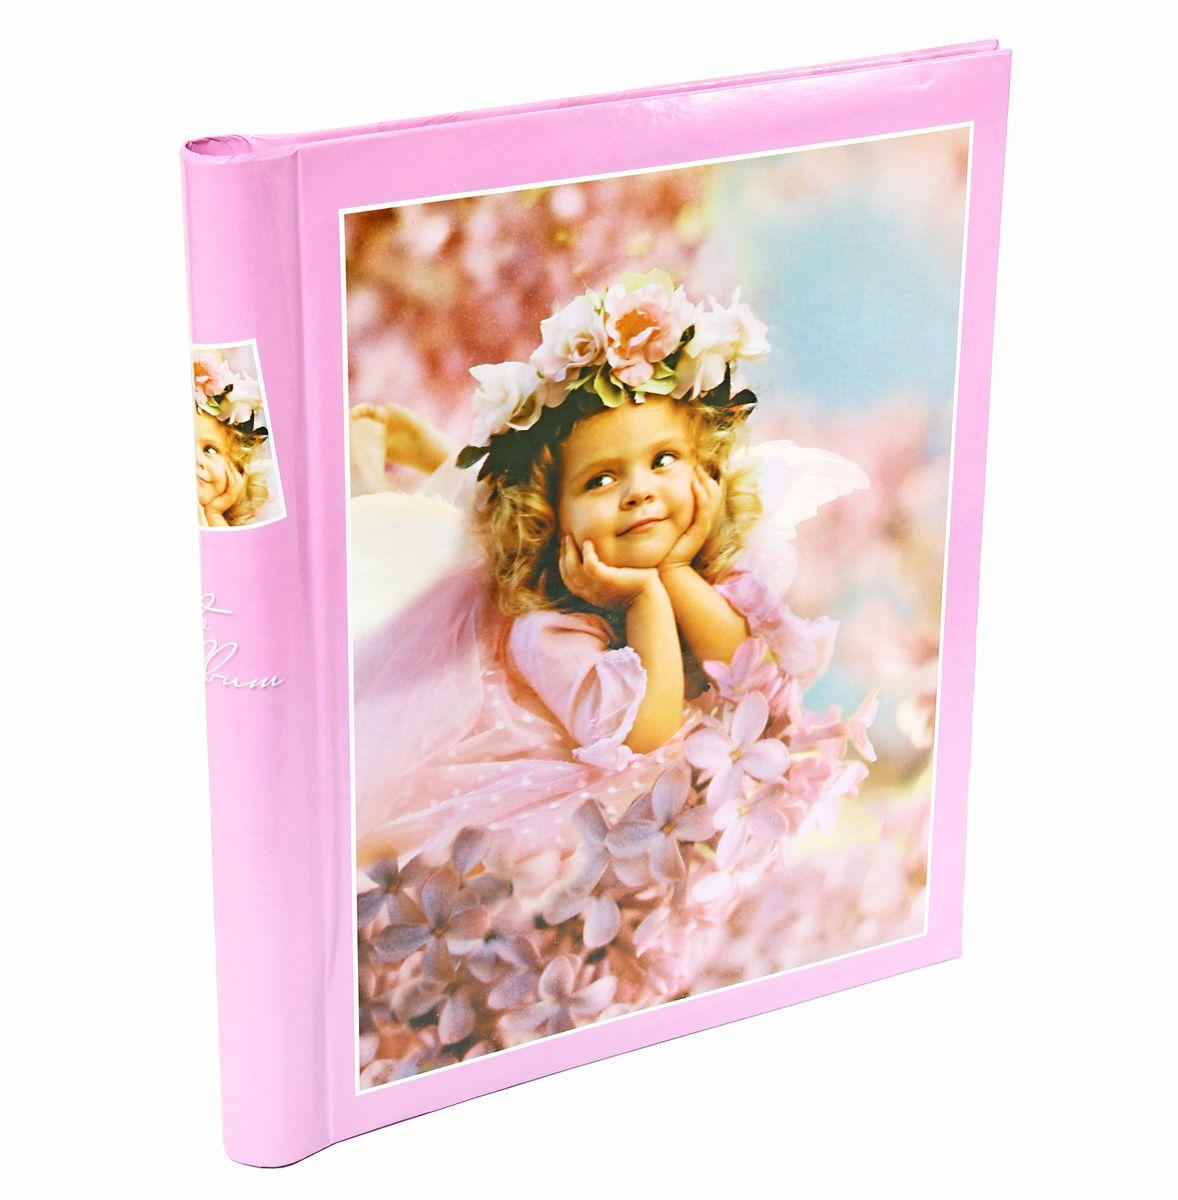 """Фото Фотоальбом Pioneer """"Elf Wonderland"""", цвет: розовый, 10 магнитных листов, 23 х 28 см"""